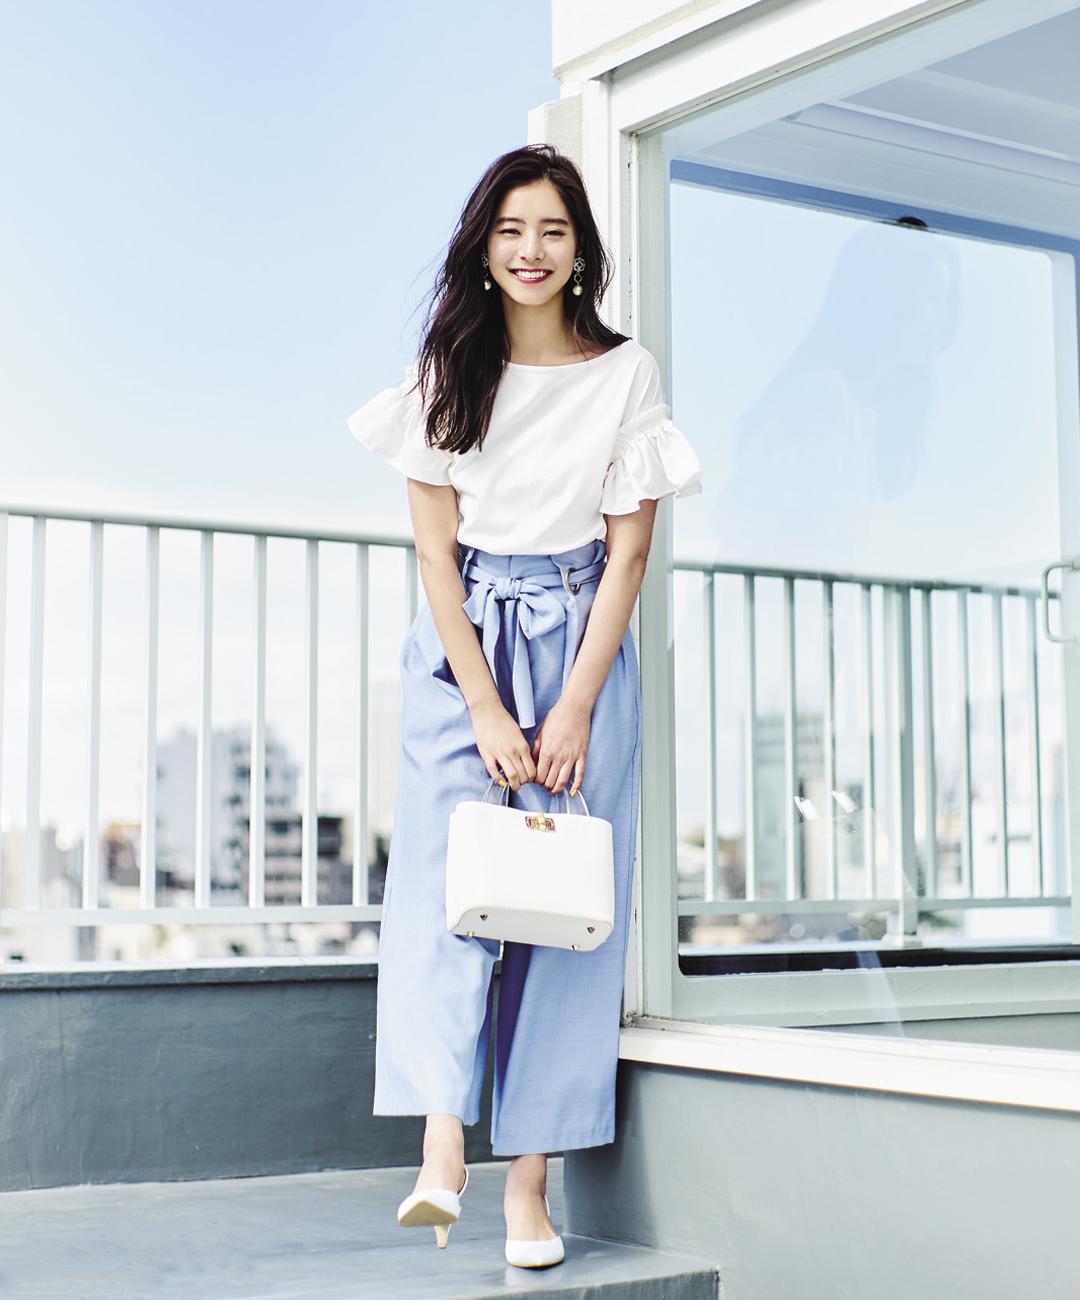 【夏のパンツコーデ】新木優子は、クリーンな水色パンツとフリルのトップスでレディな魅力たっぷに♪